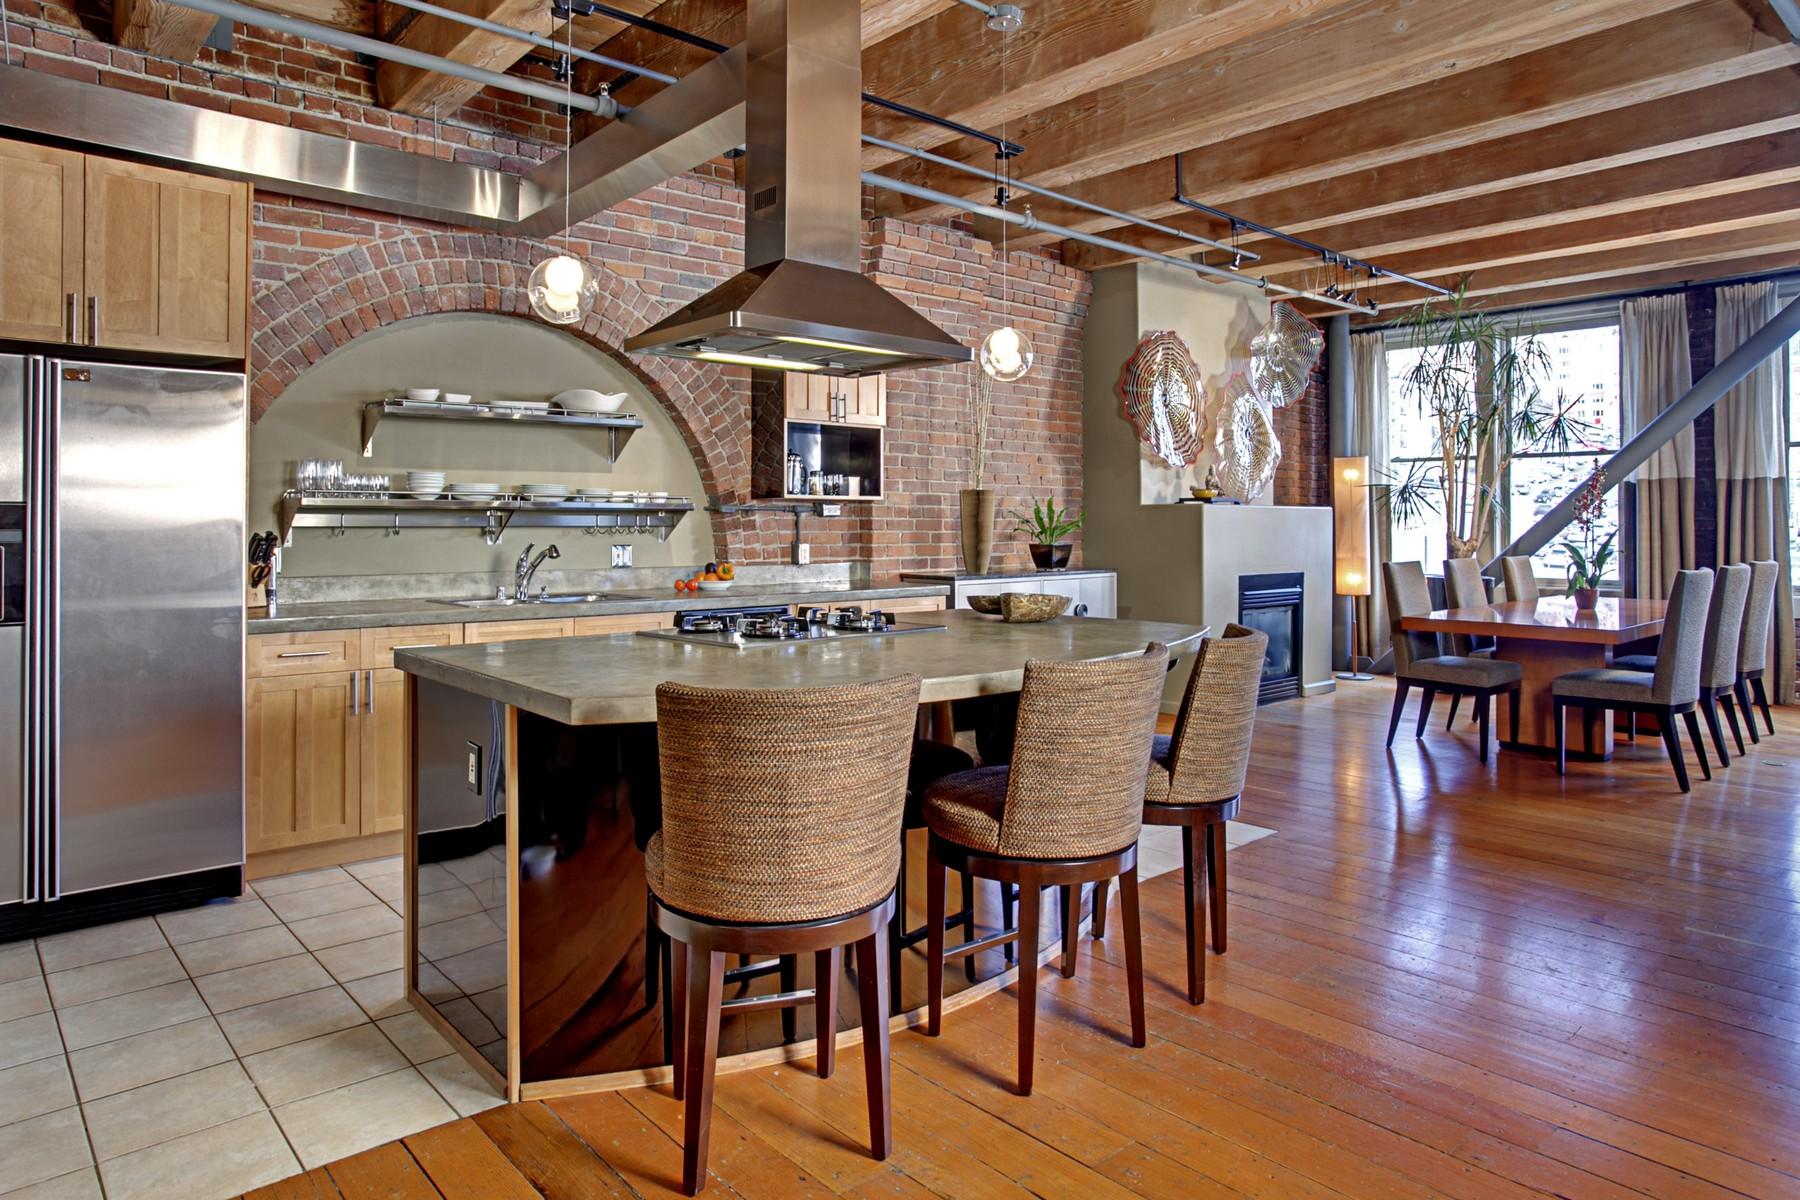 11 Kitchen03.jpg